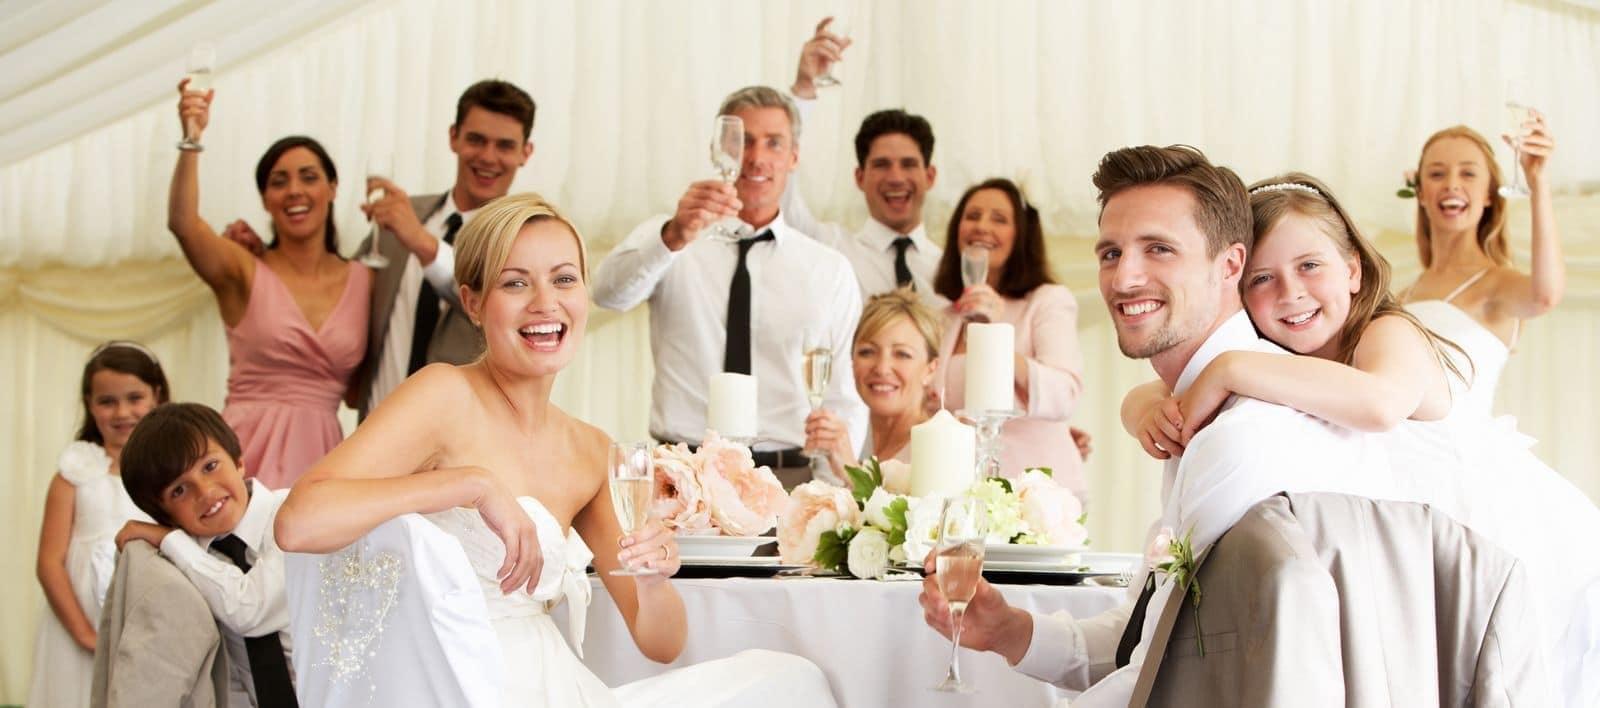 Brautpaar mit Gästen